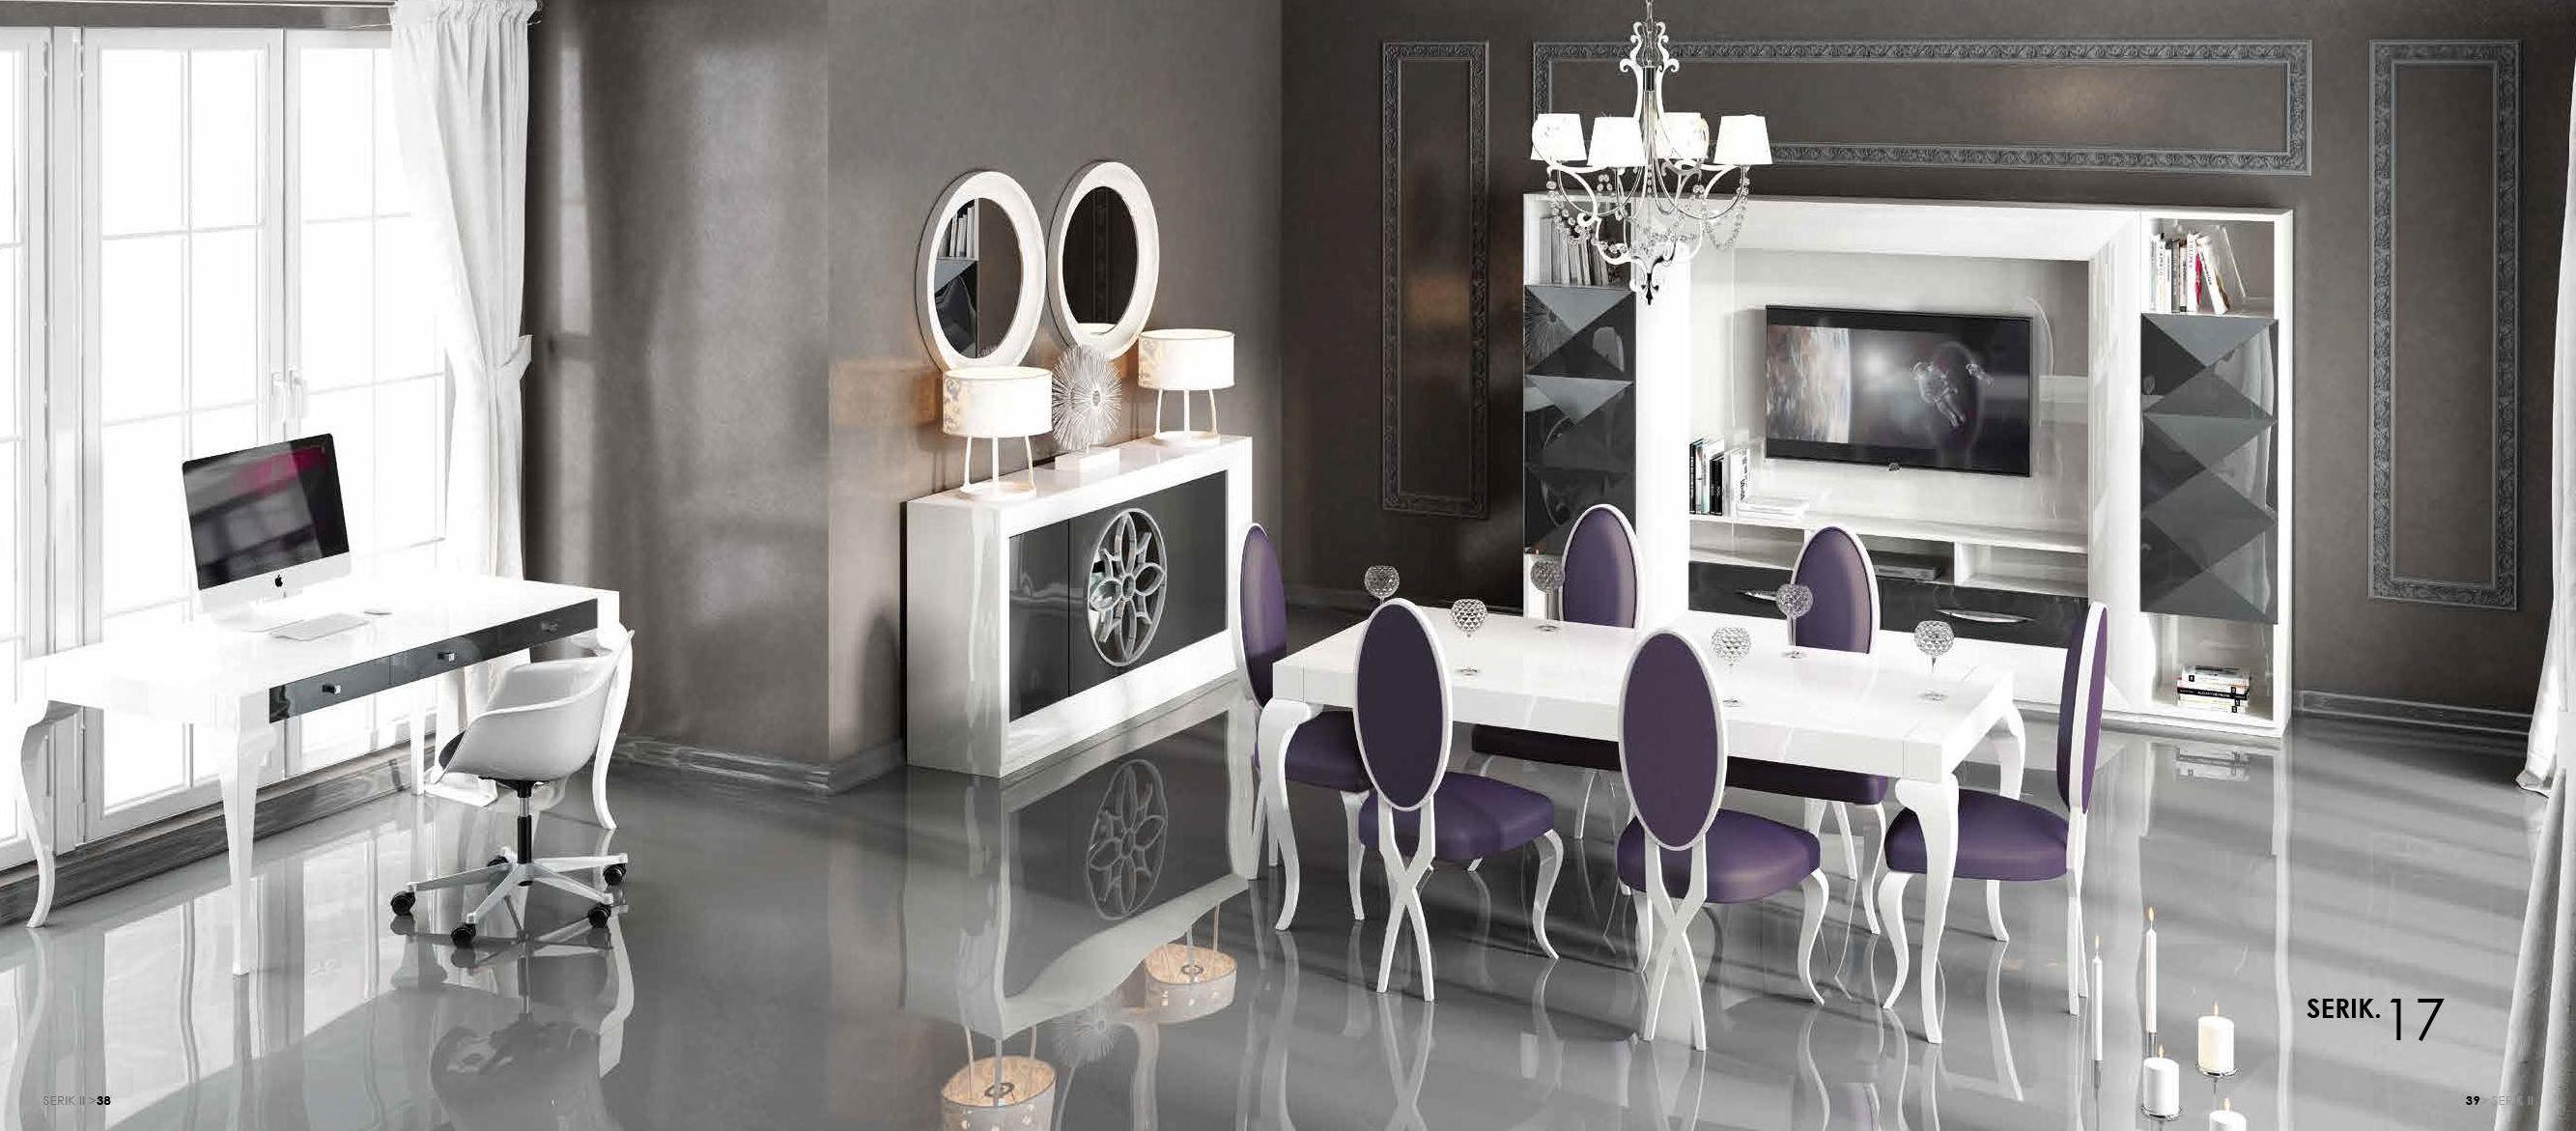 Colecci N Serik 2 Salones Y Dormitorios Goga Muebles  # Muebles Neoclasicos Modernos